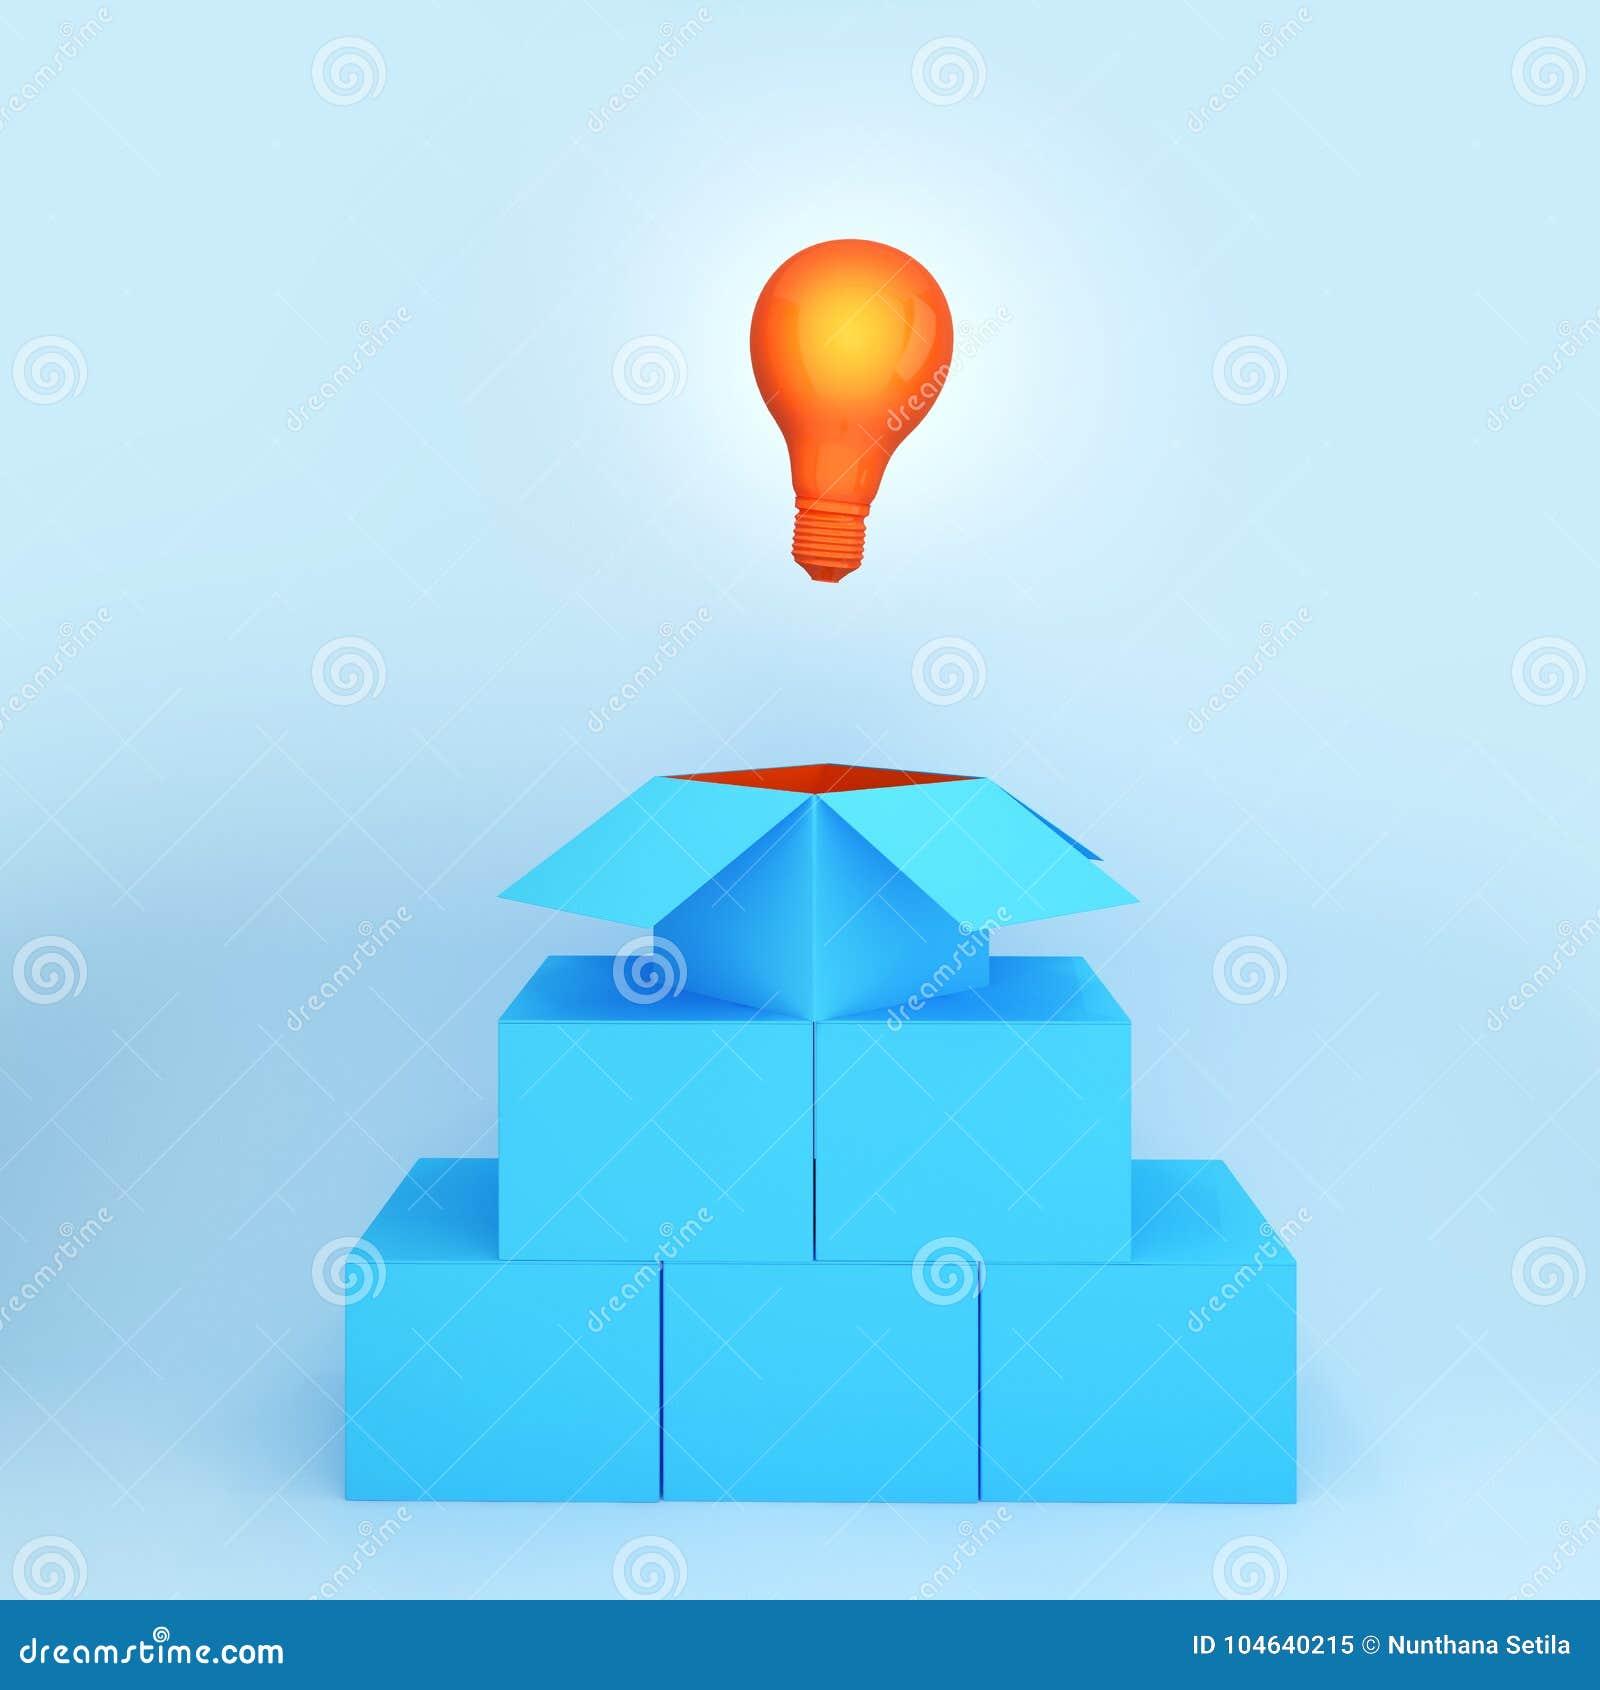 Download Gloeilampen Het Gloeien Denkt Het Creatieve Idee Buiten De Doos, Minima Stock Illustratie - Illustratie bestaande uit elektrisch, creativiteit: 104640215